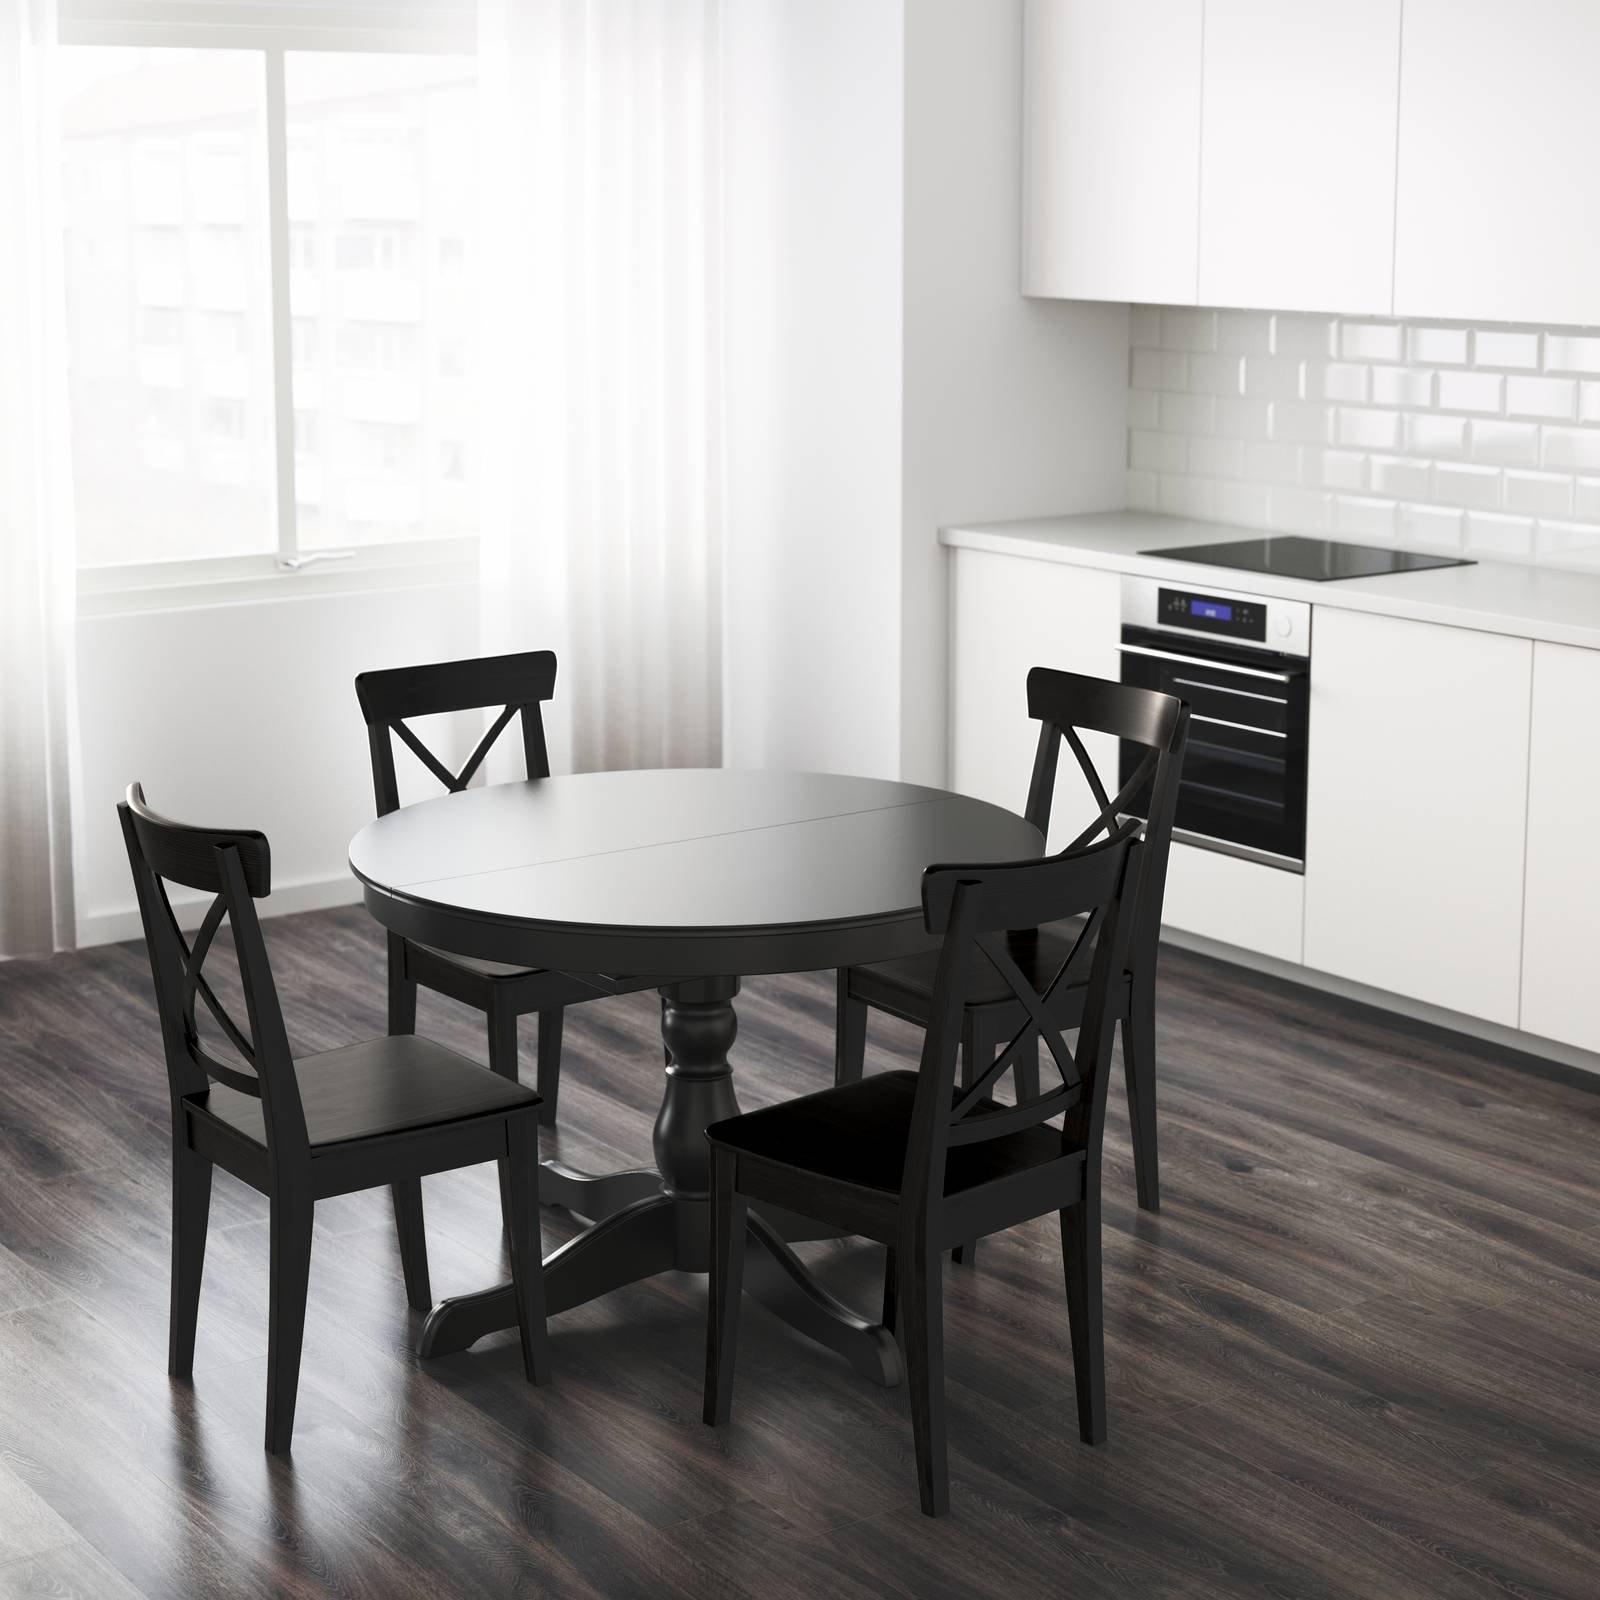 Tavolo rotondo allungabile contemporaneo classico in for Tavoli rotondi moderni allungabili